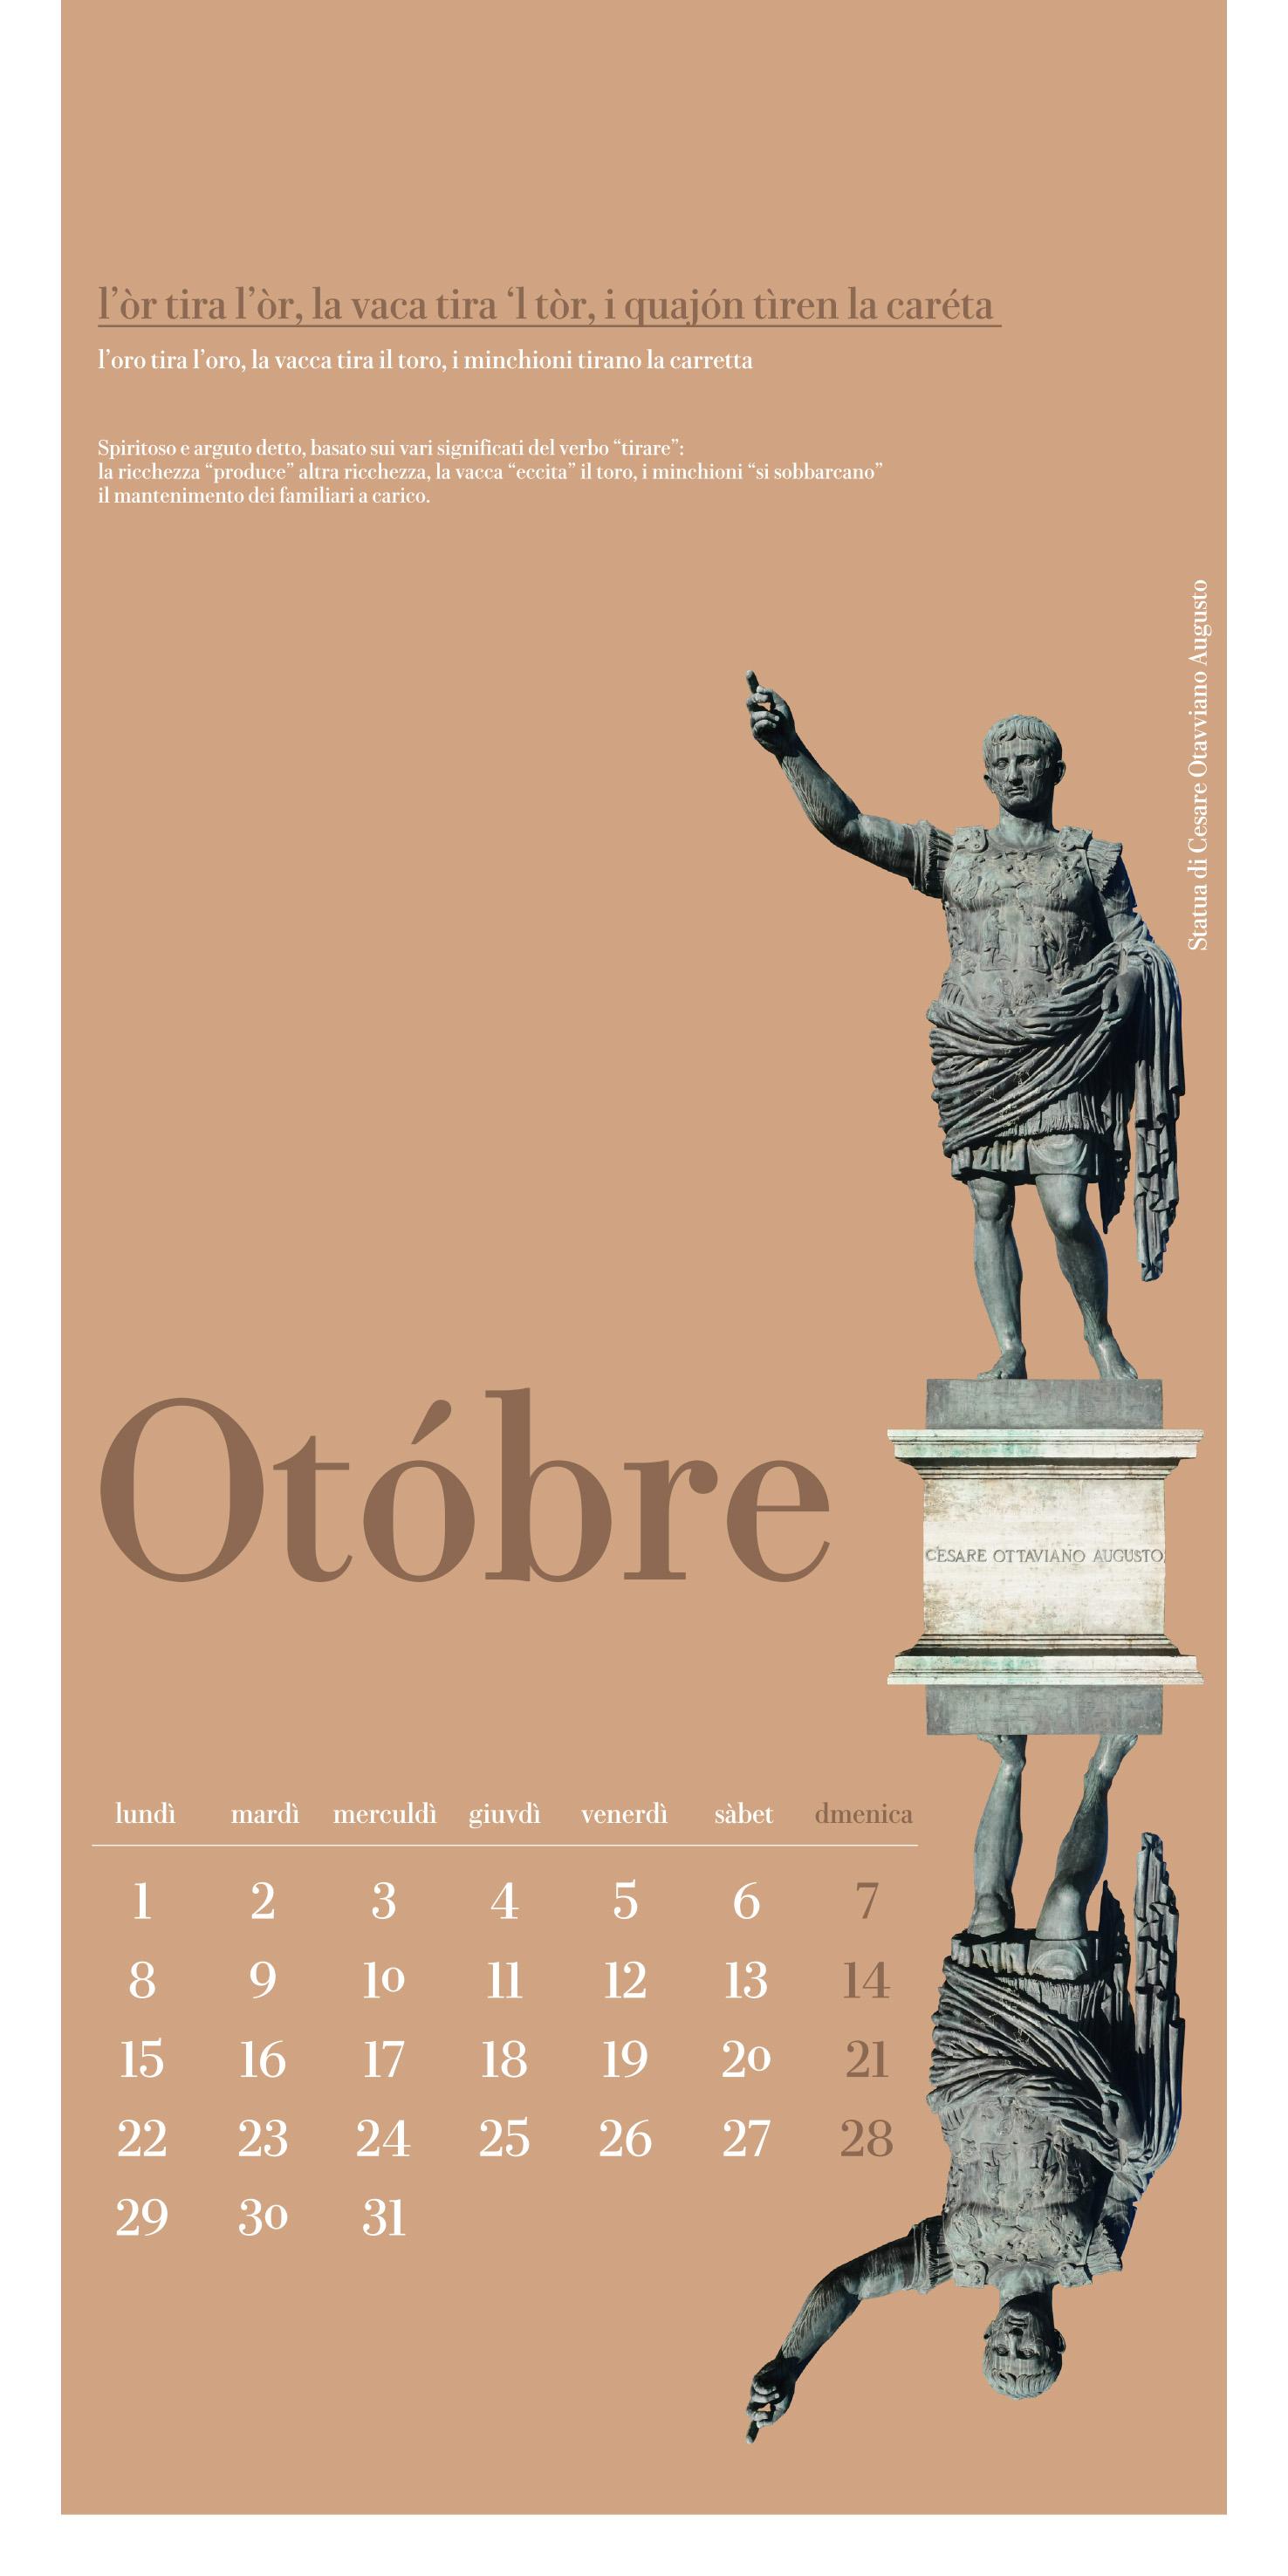 calendario 2018_stampa-11.jpg